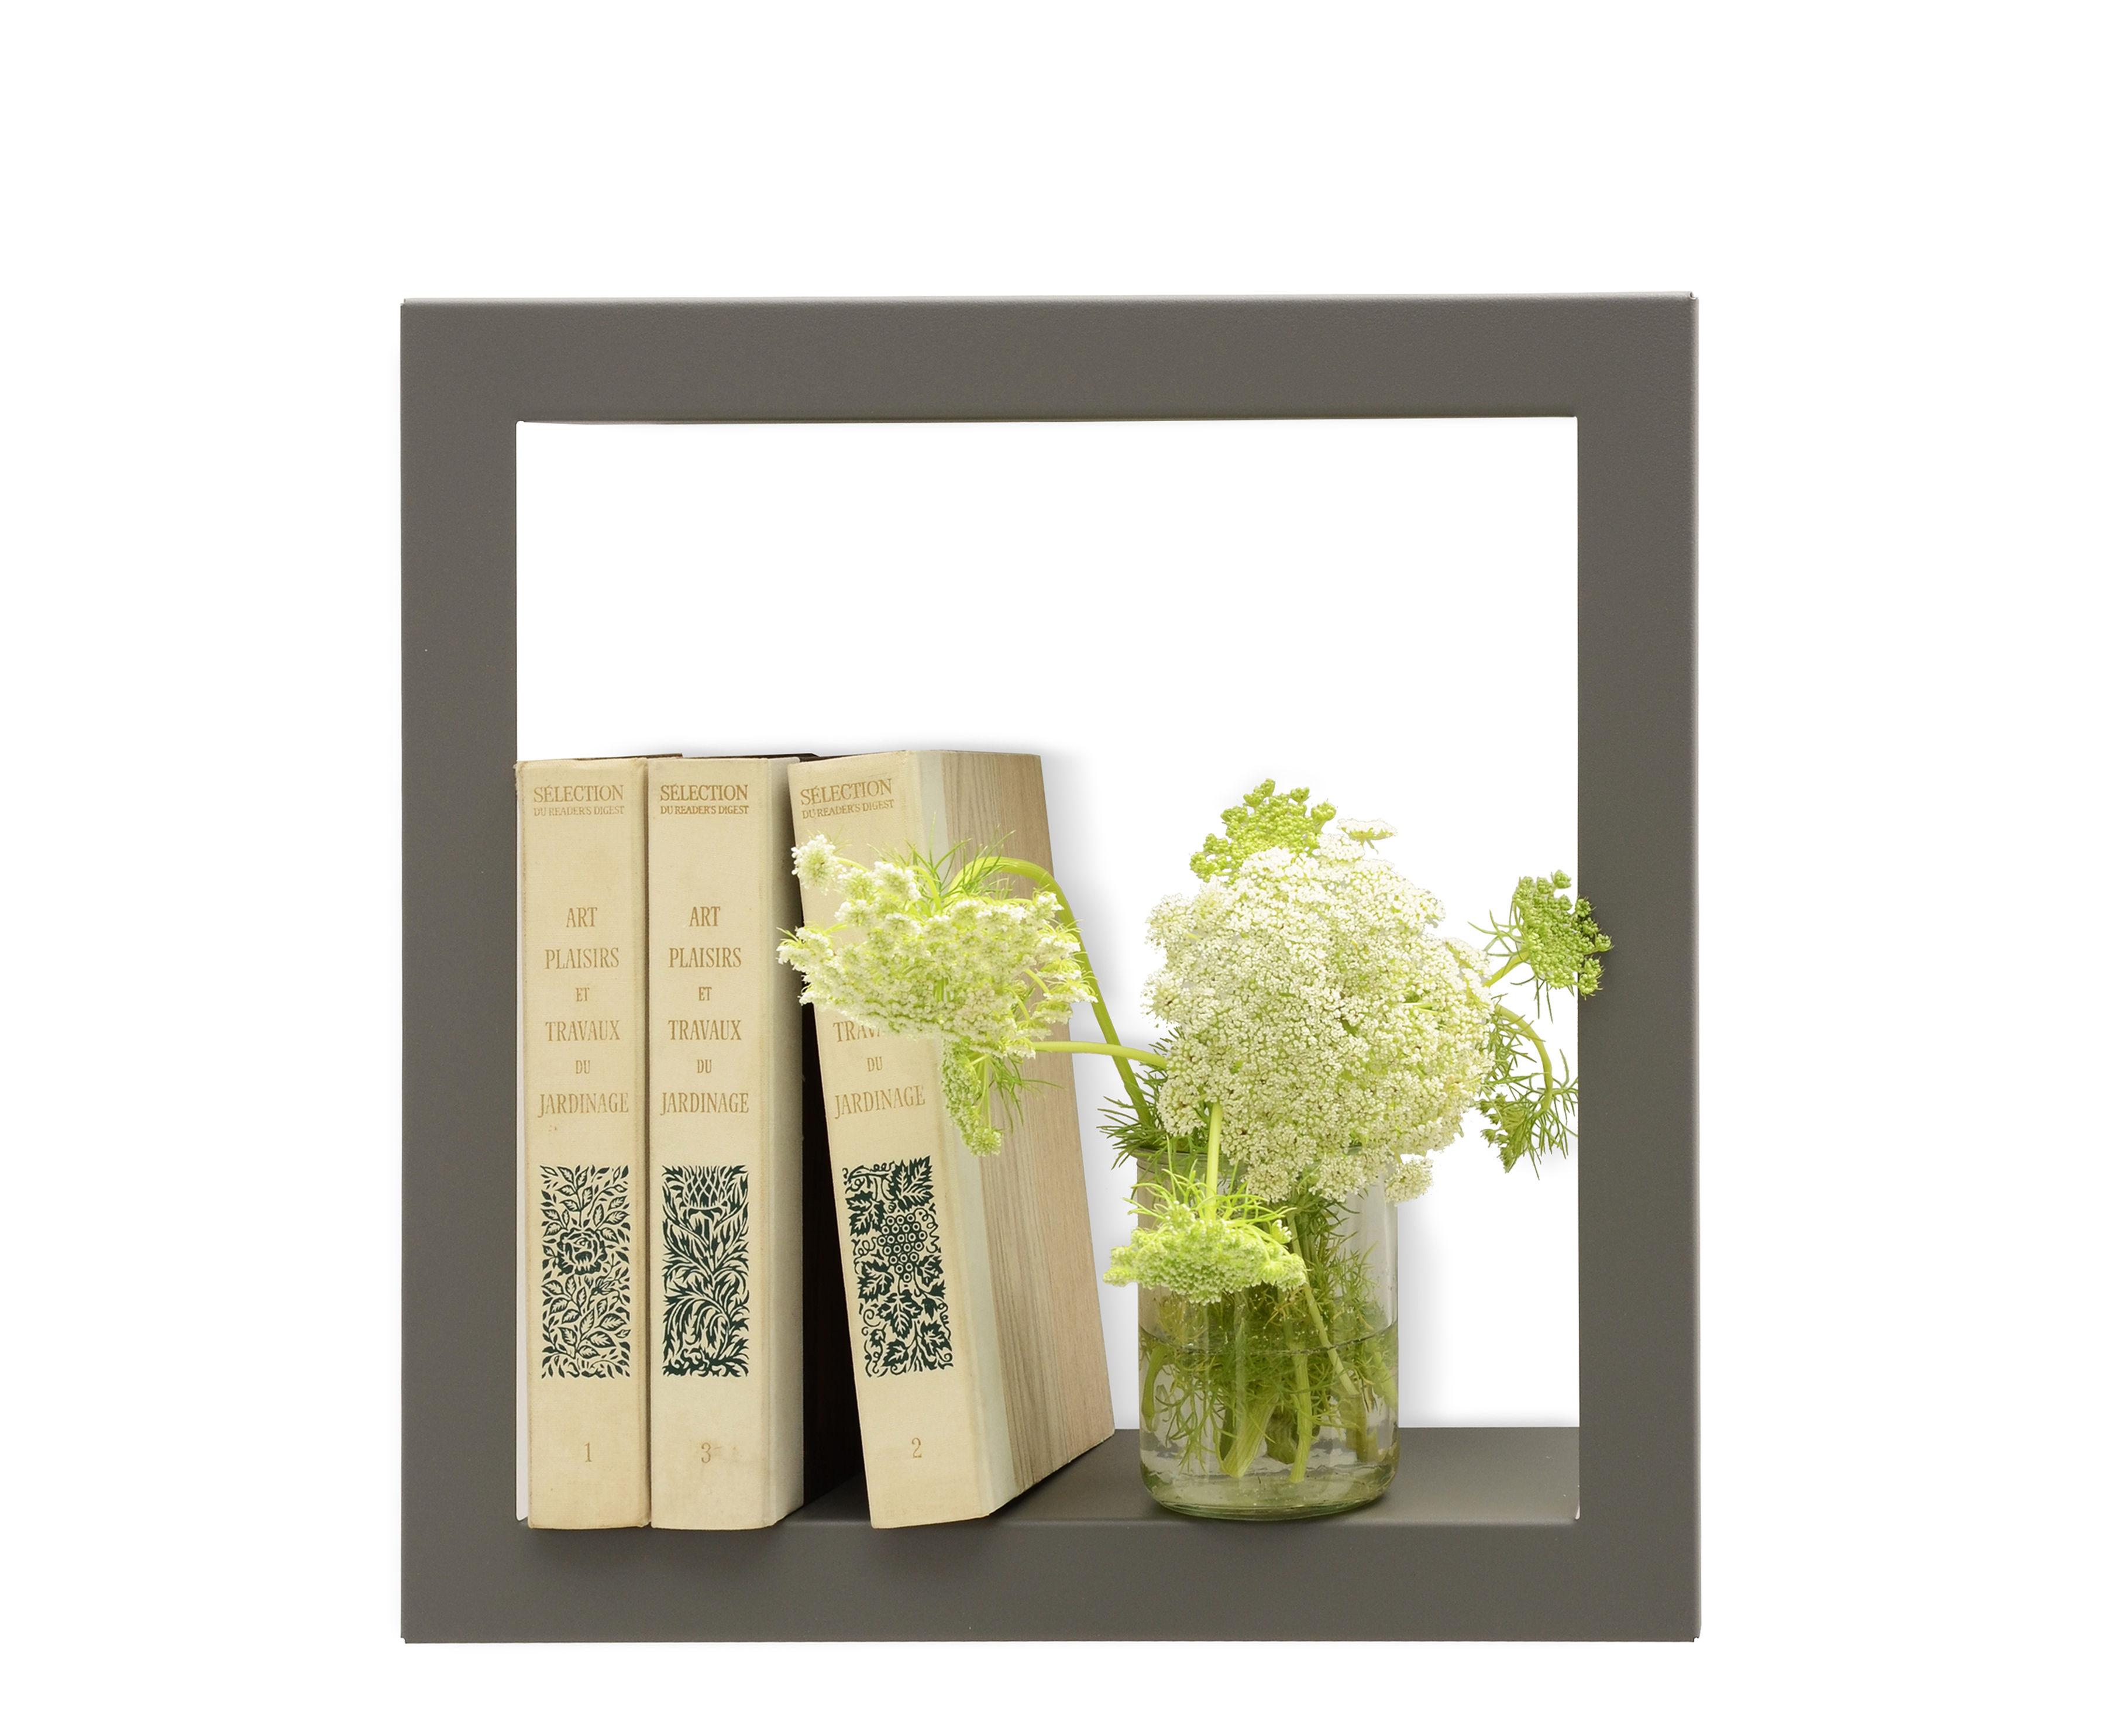 Mobilier - Etagères & bibliothèques - Etagère Bigstick / Métal - L 36 x H 36 cm - Presse citron - Gris - Acier laqué